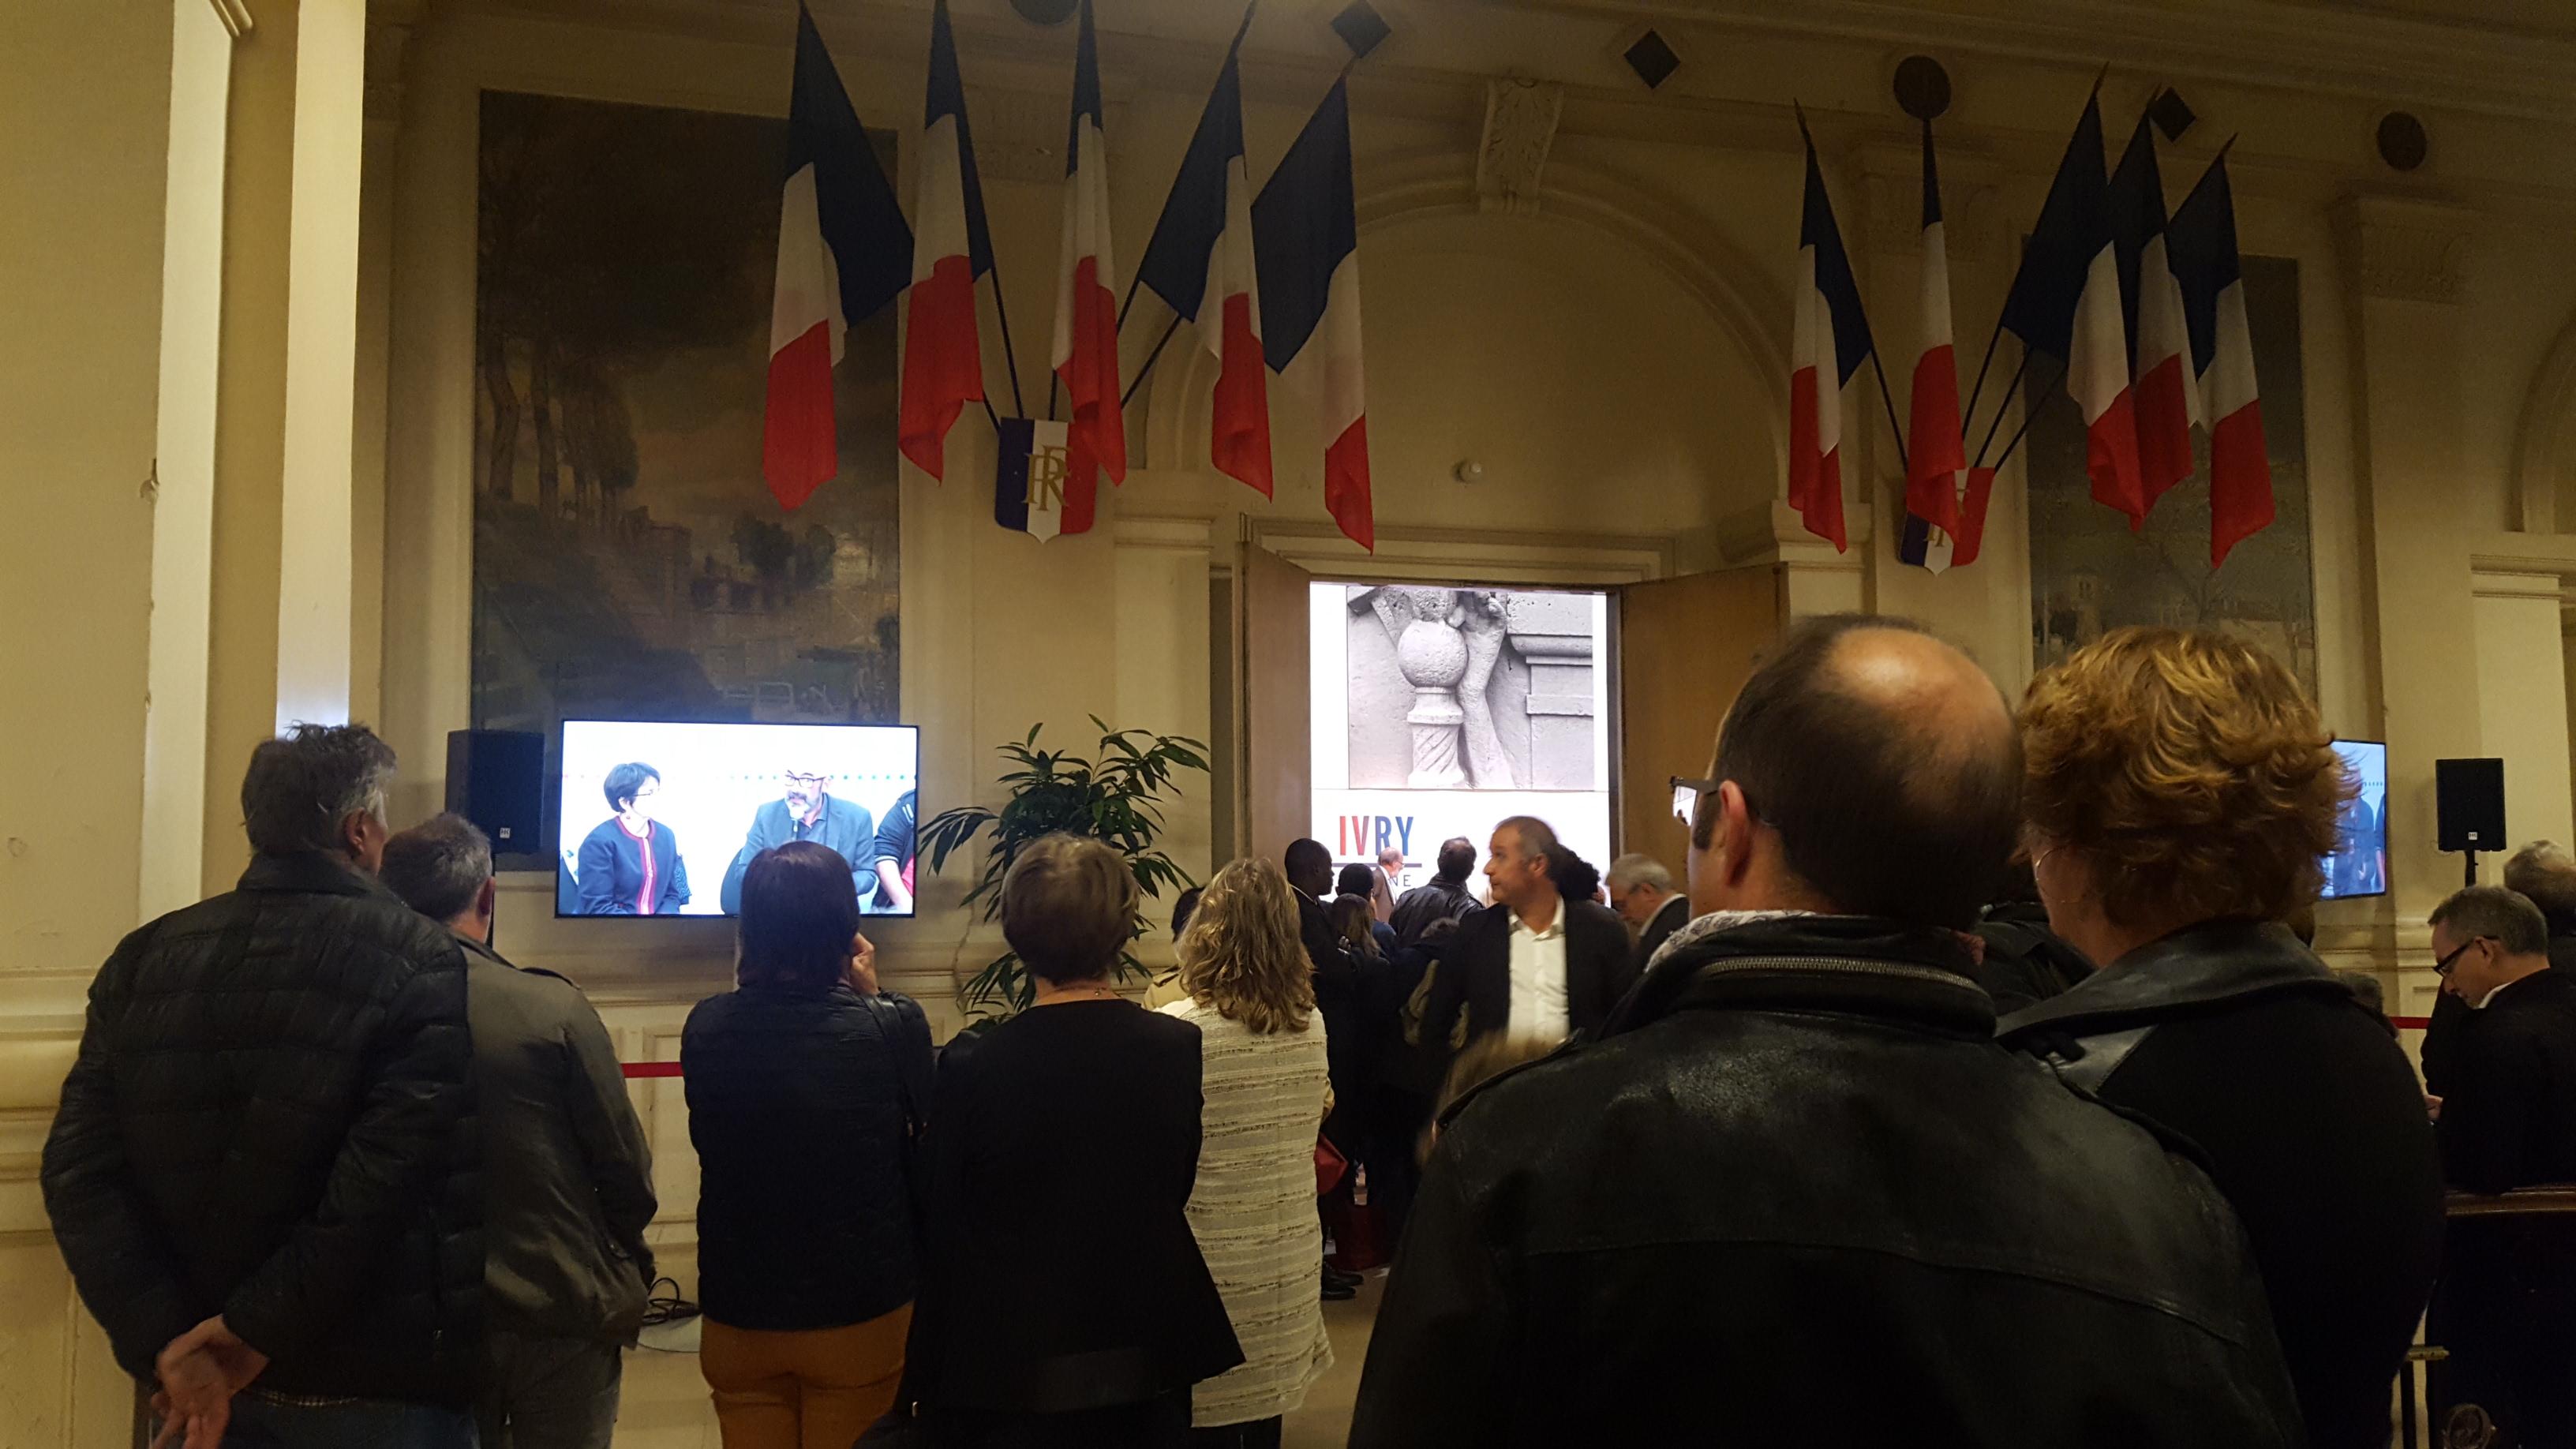 réunion-publique-ivry-réfugiés (4)